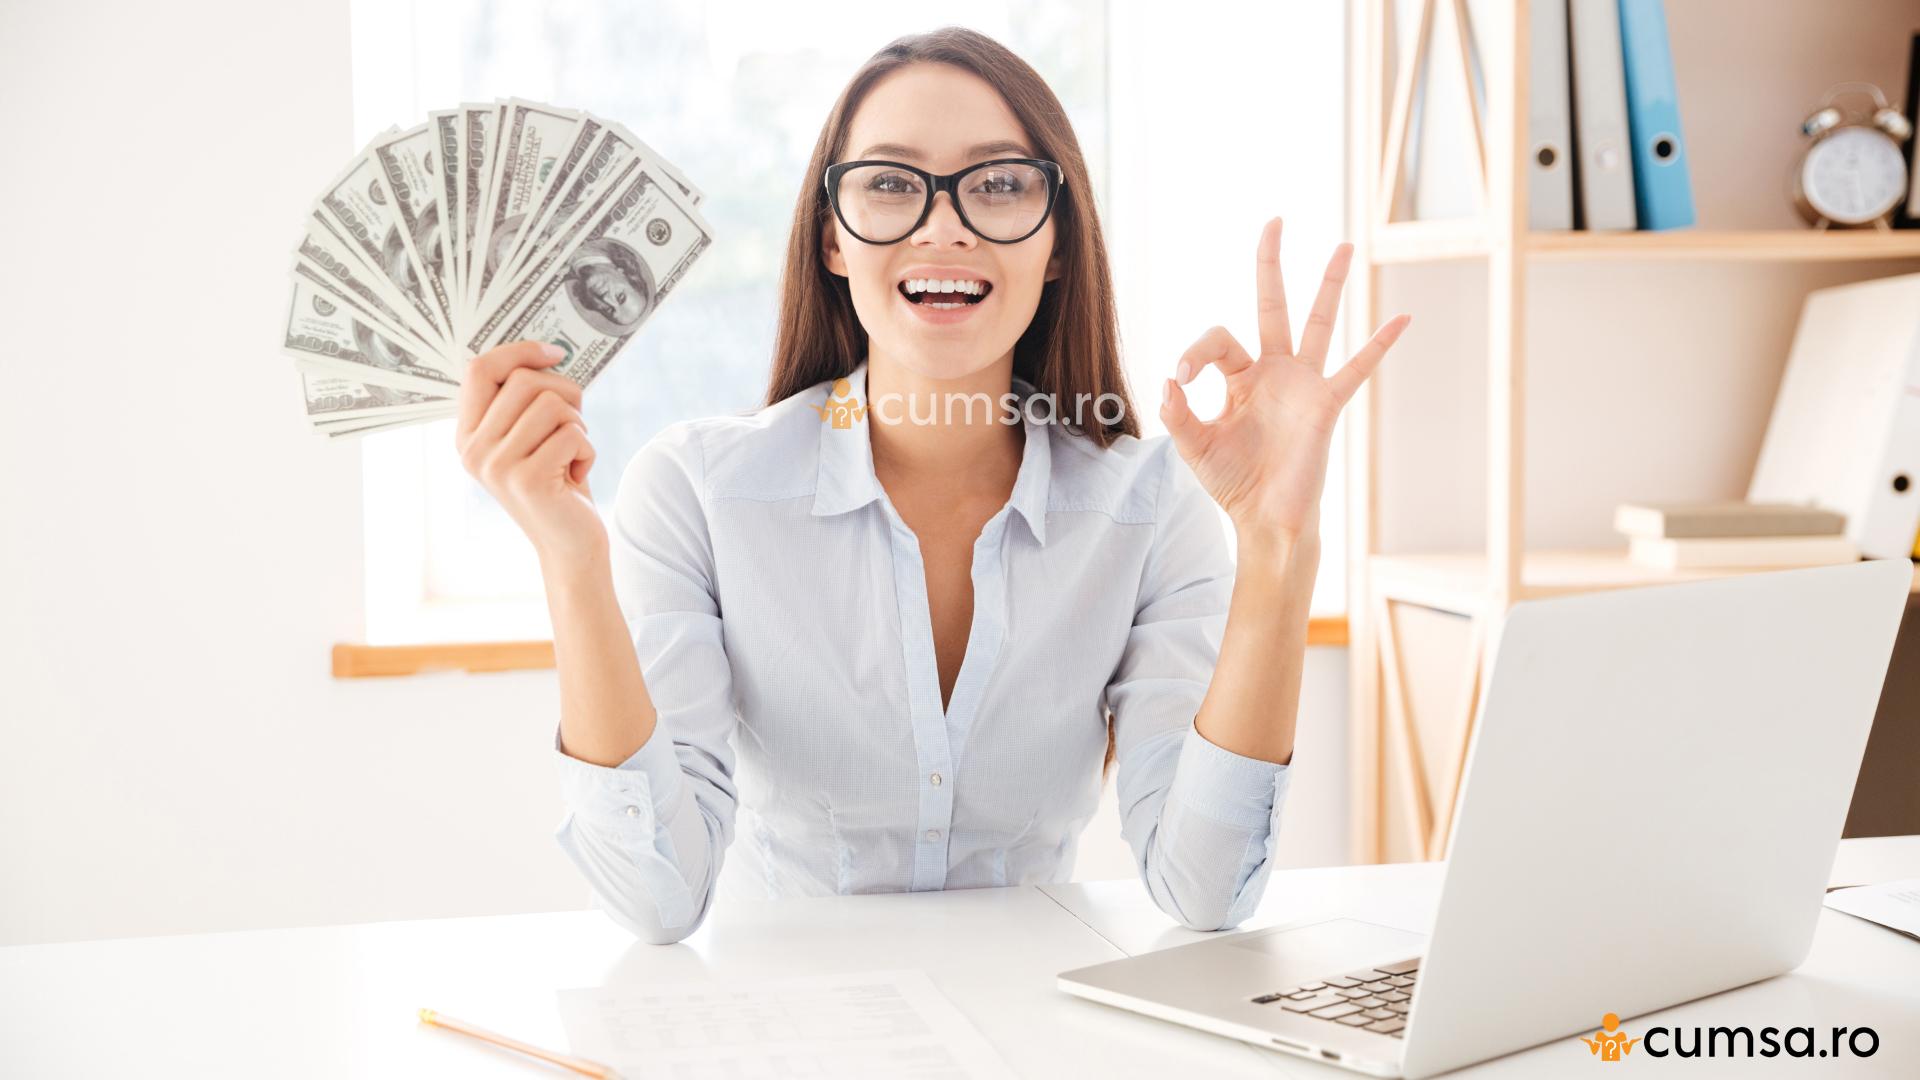 idei de a câștiga bani pe internet de la opțiuni binare pentru 1